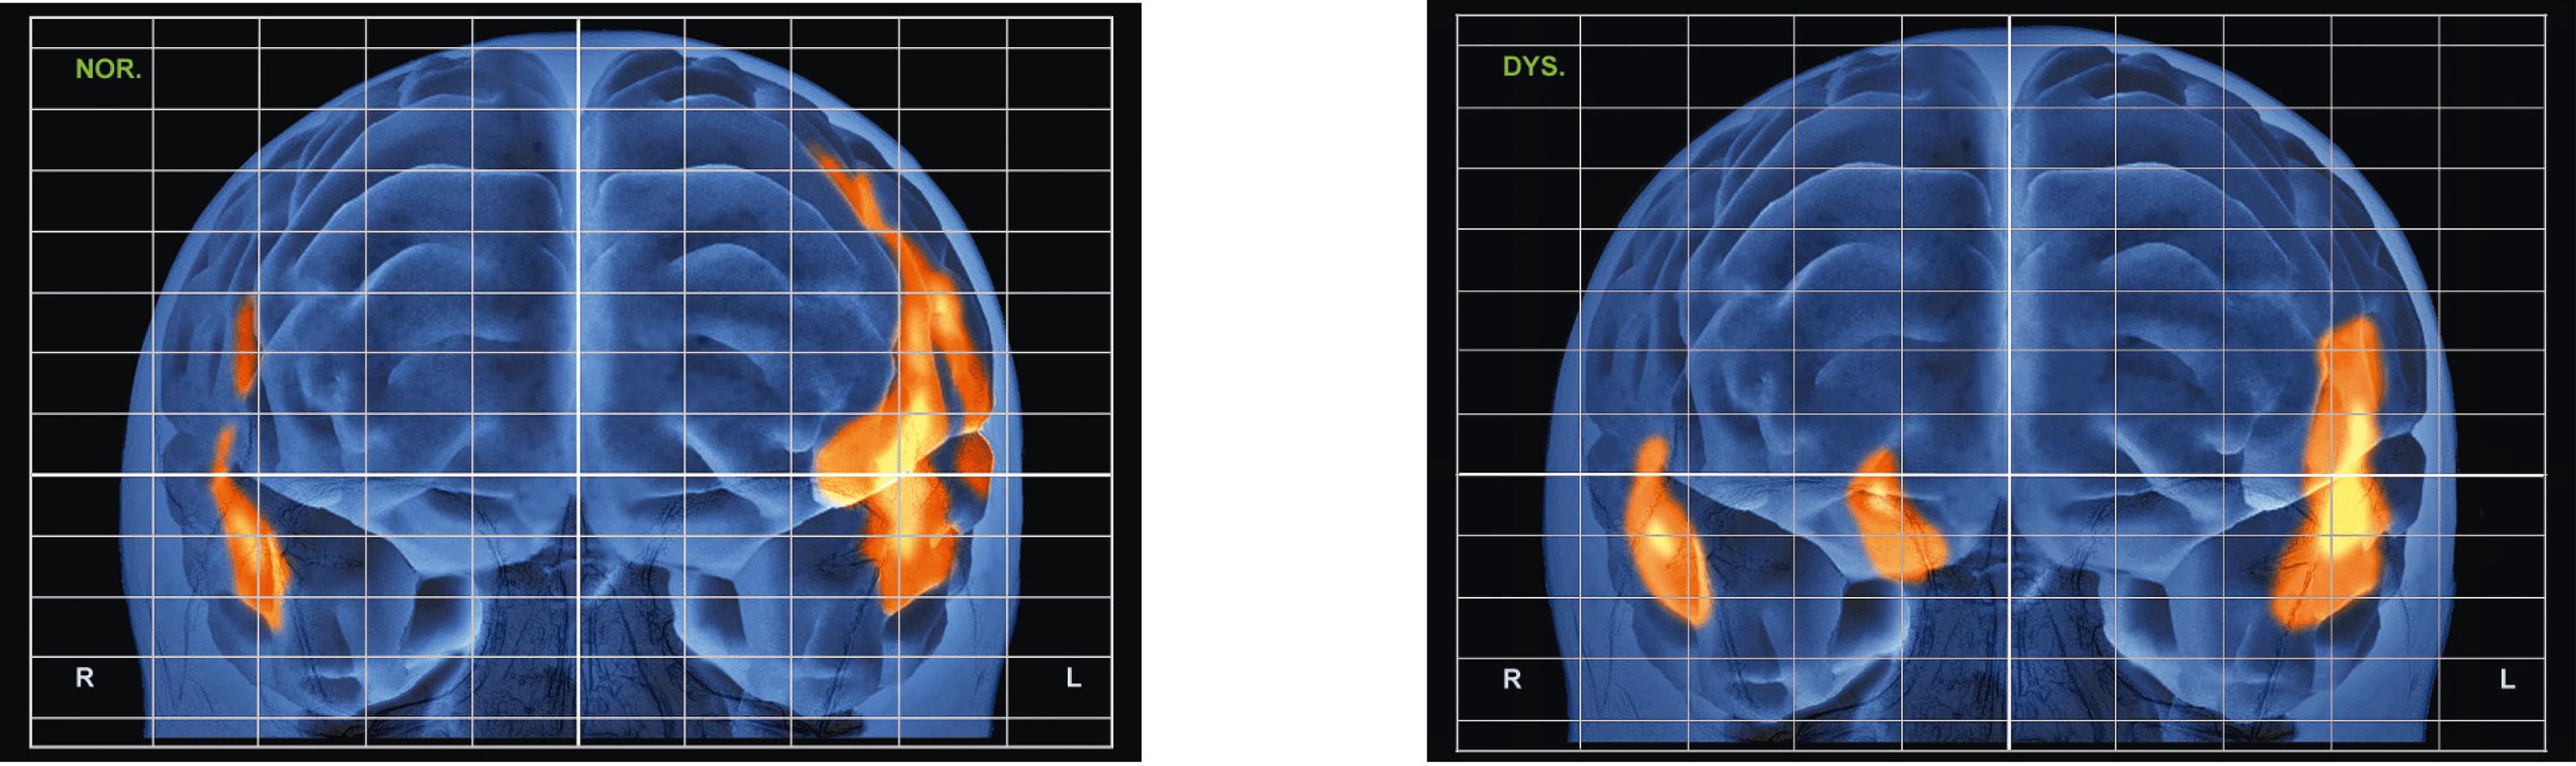 Les activations cérébrales d'un patient témoin (gauche) ou dyslexique (droite) en train de lire. Il s'agit d'une reconstruction 3D du cerveau.